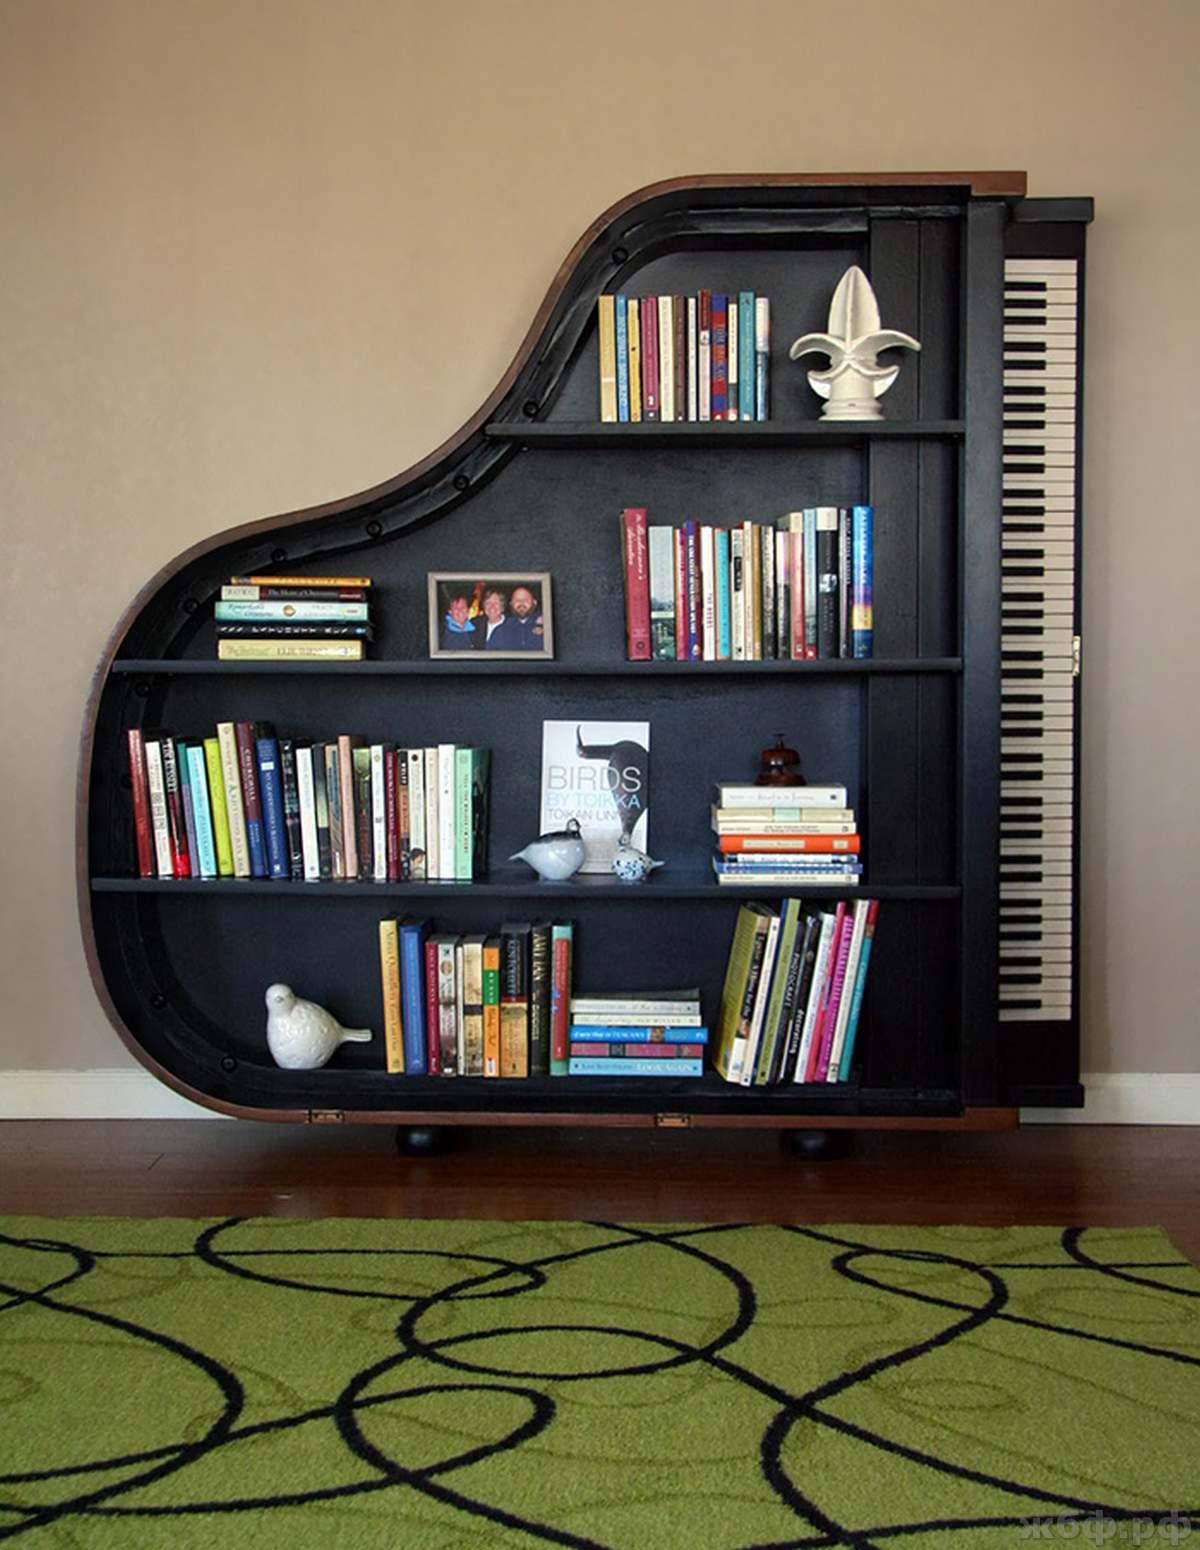 Необычные книжные полки, шкафы и подставки для книг (31 фото.